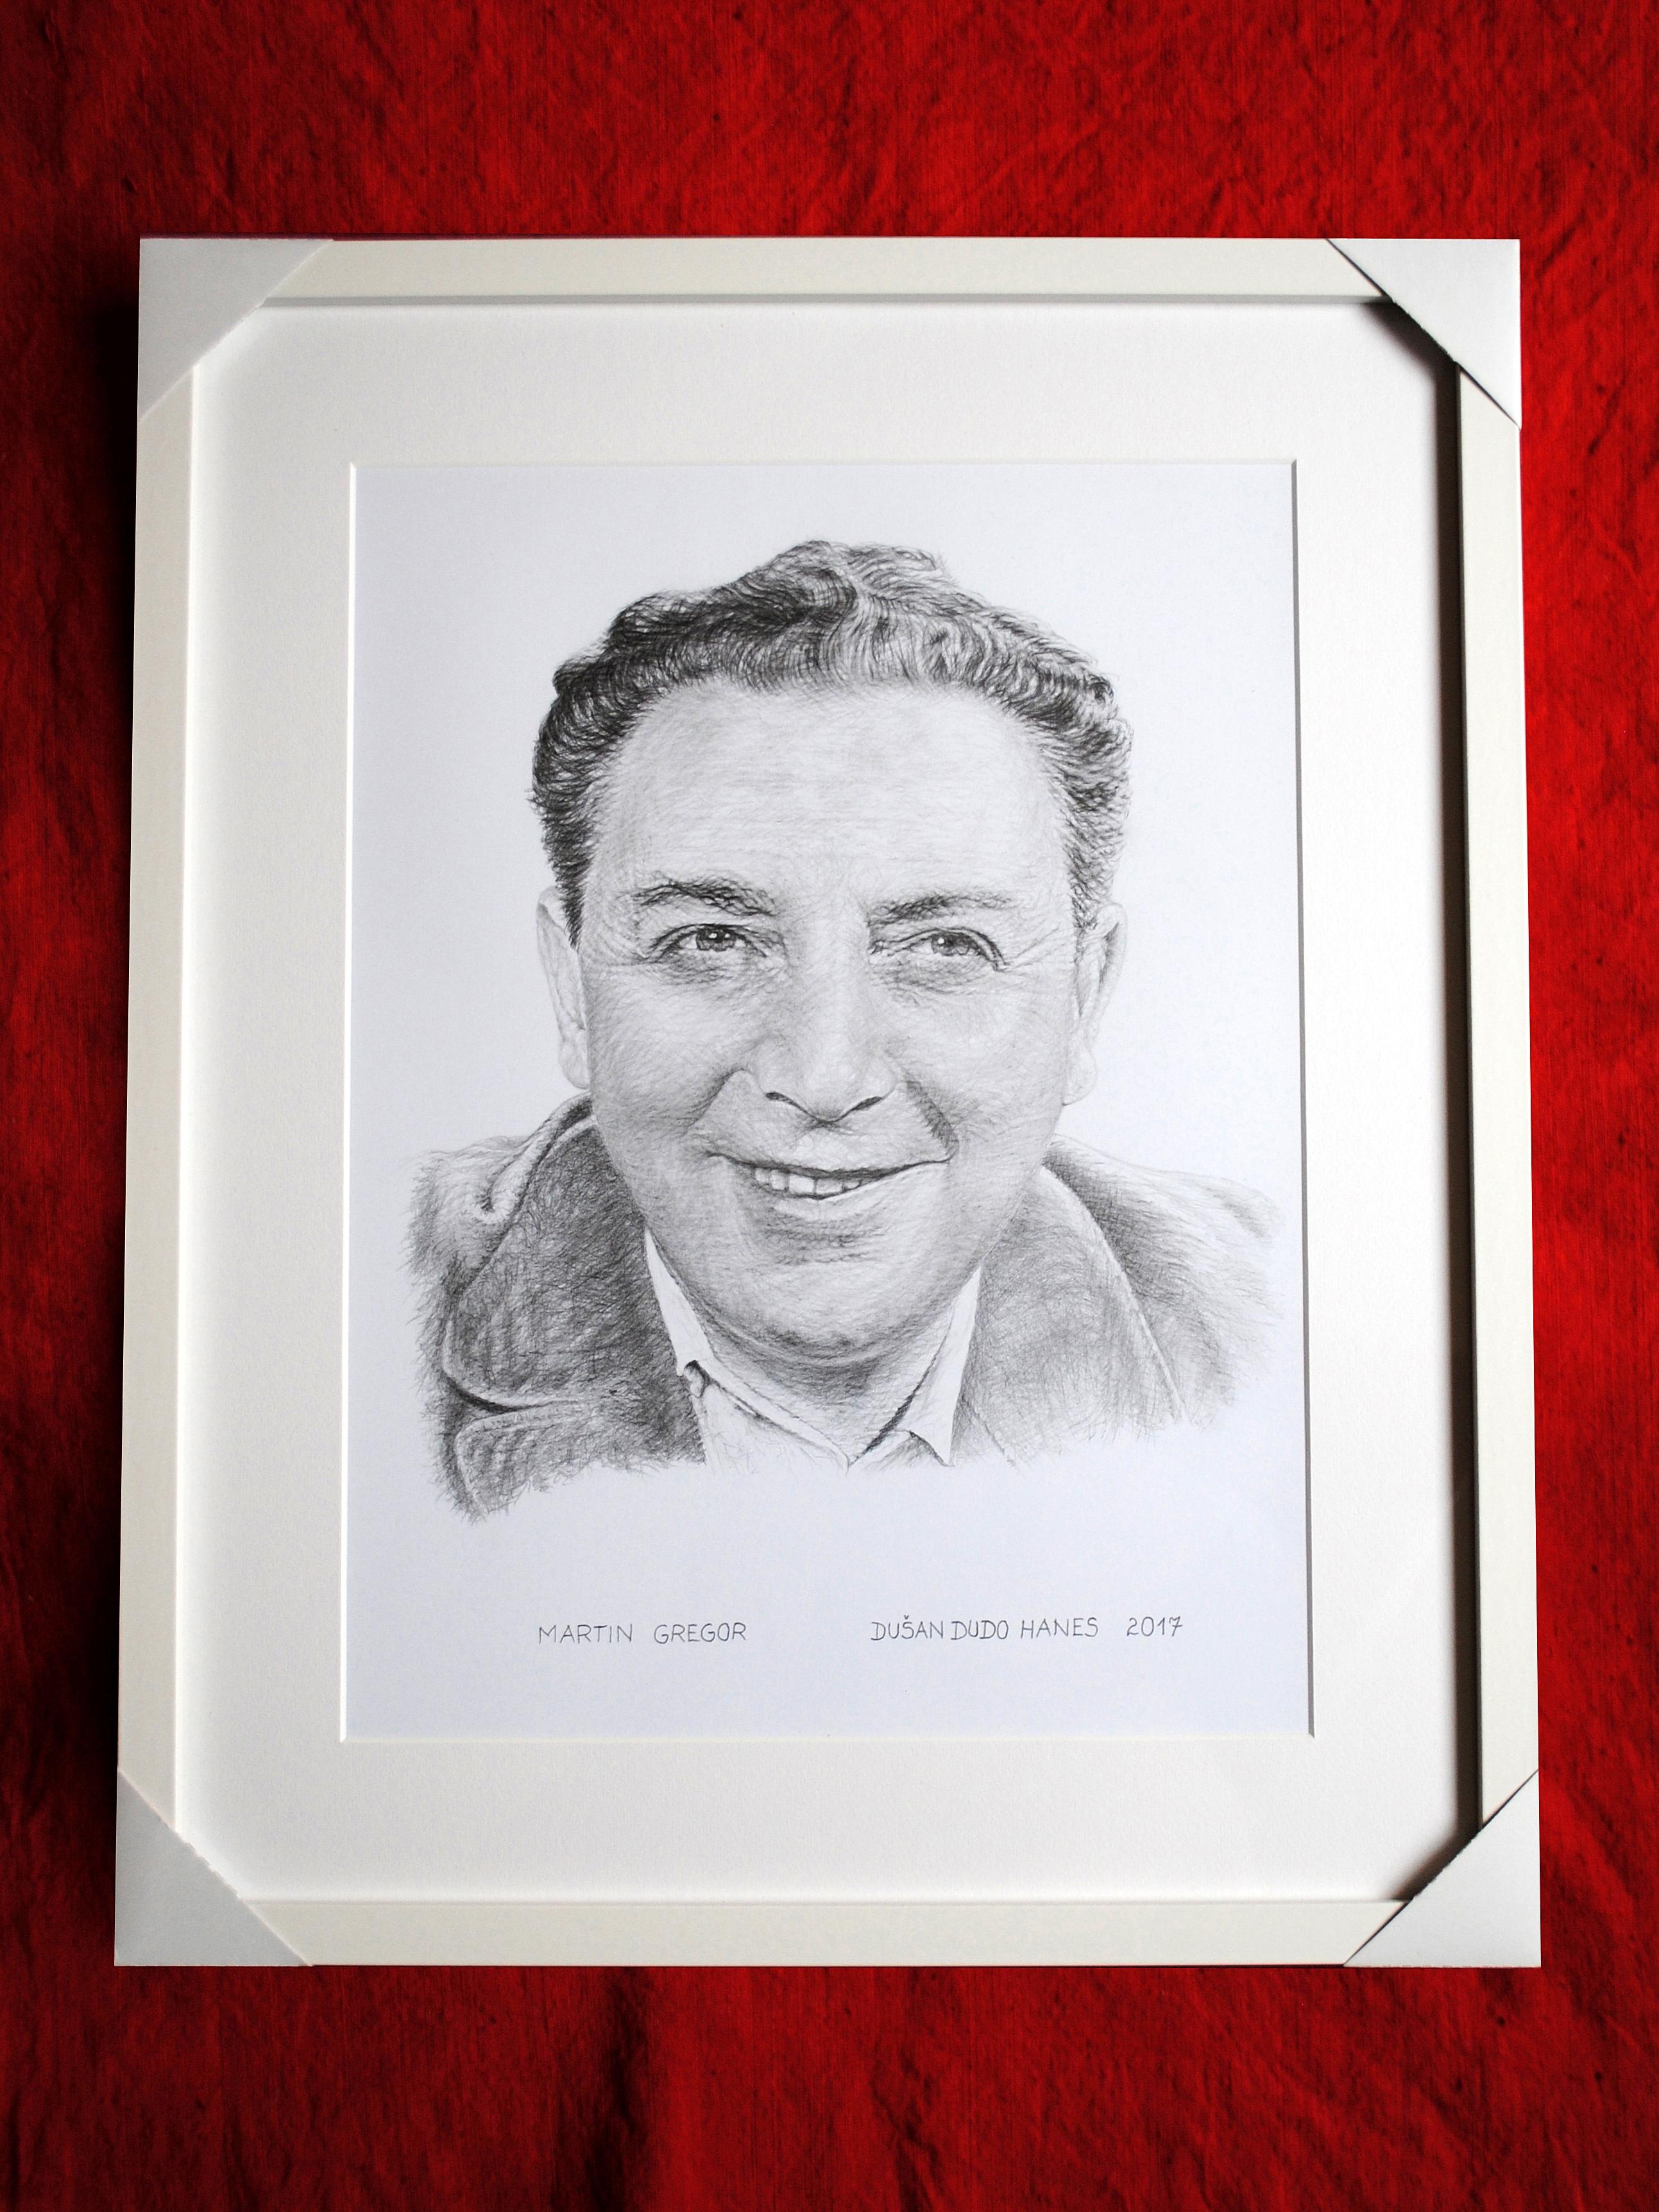 200 - Martin Gregor. Portrét v ráme, Dušan Dudo Hanes